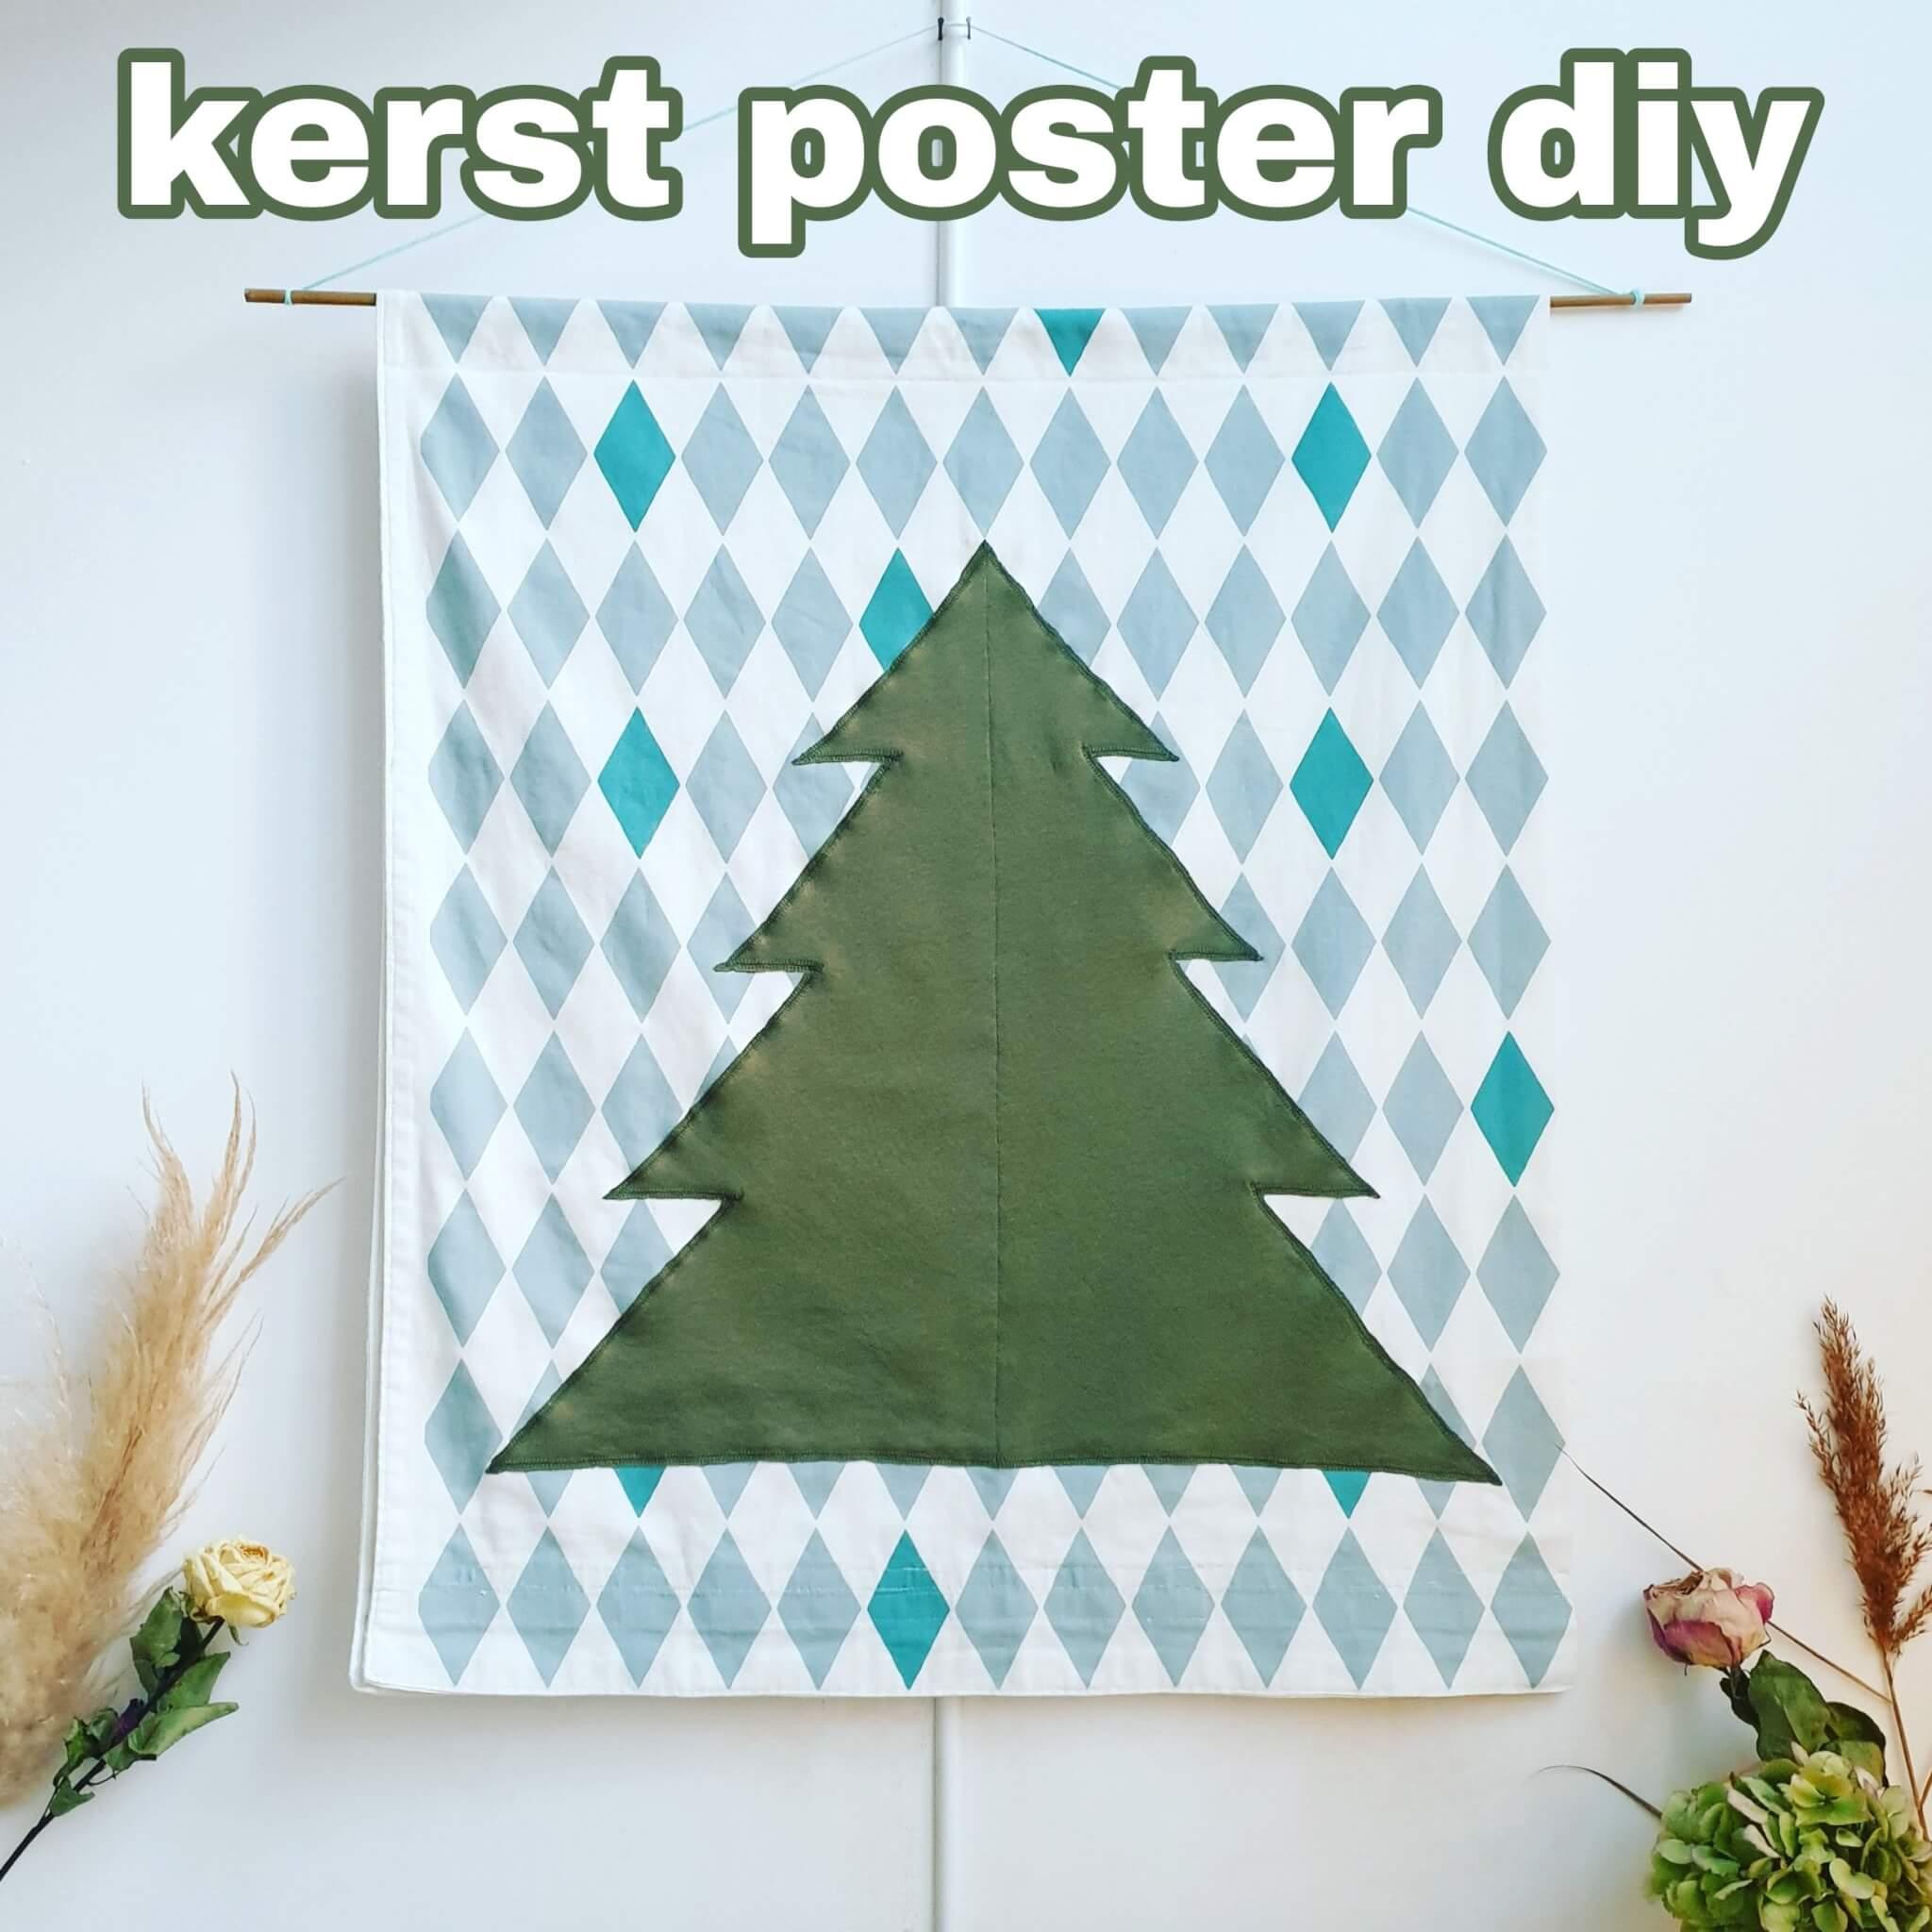 Kerst poster zelf maken: kerstboomDIY op stoffen doek